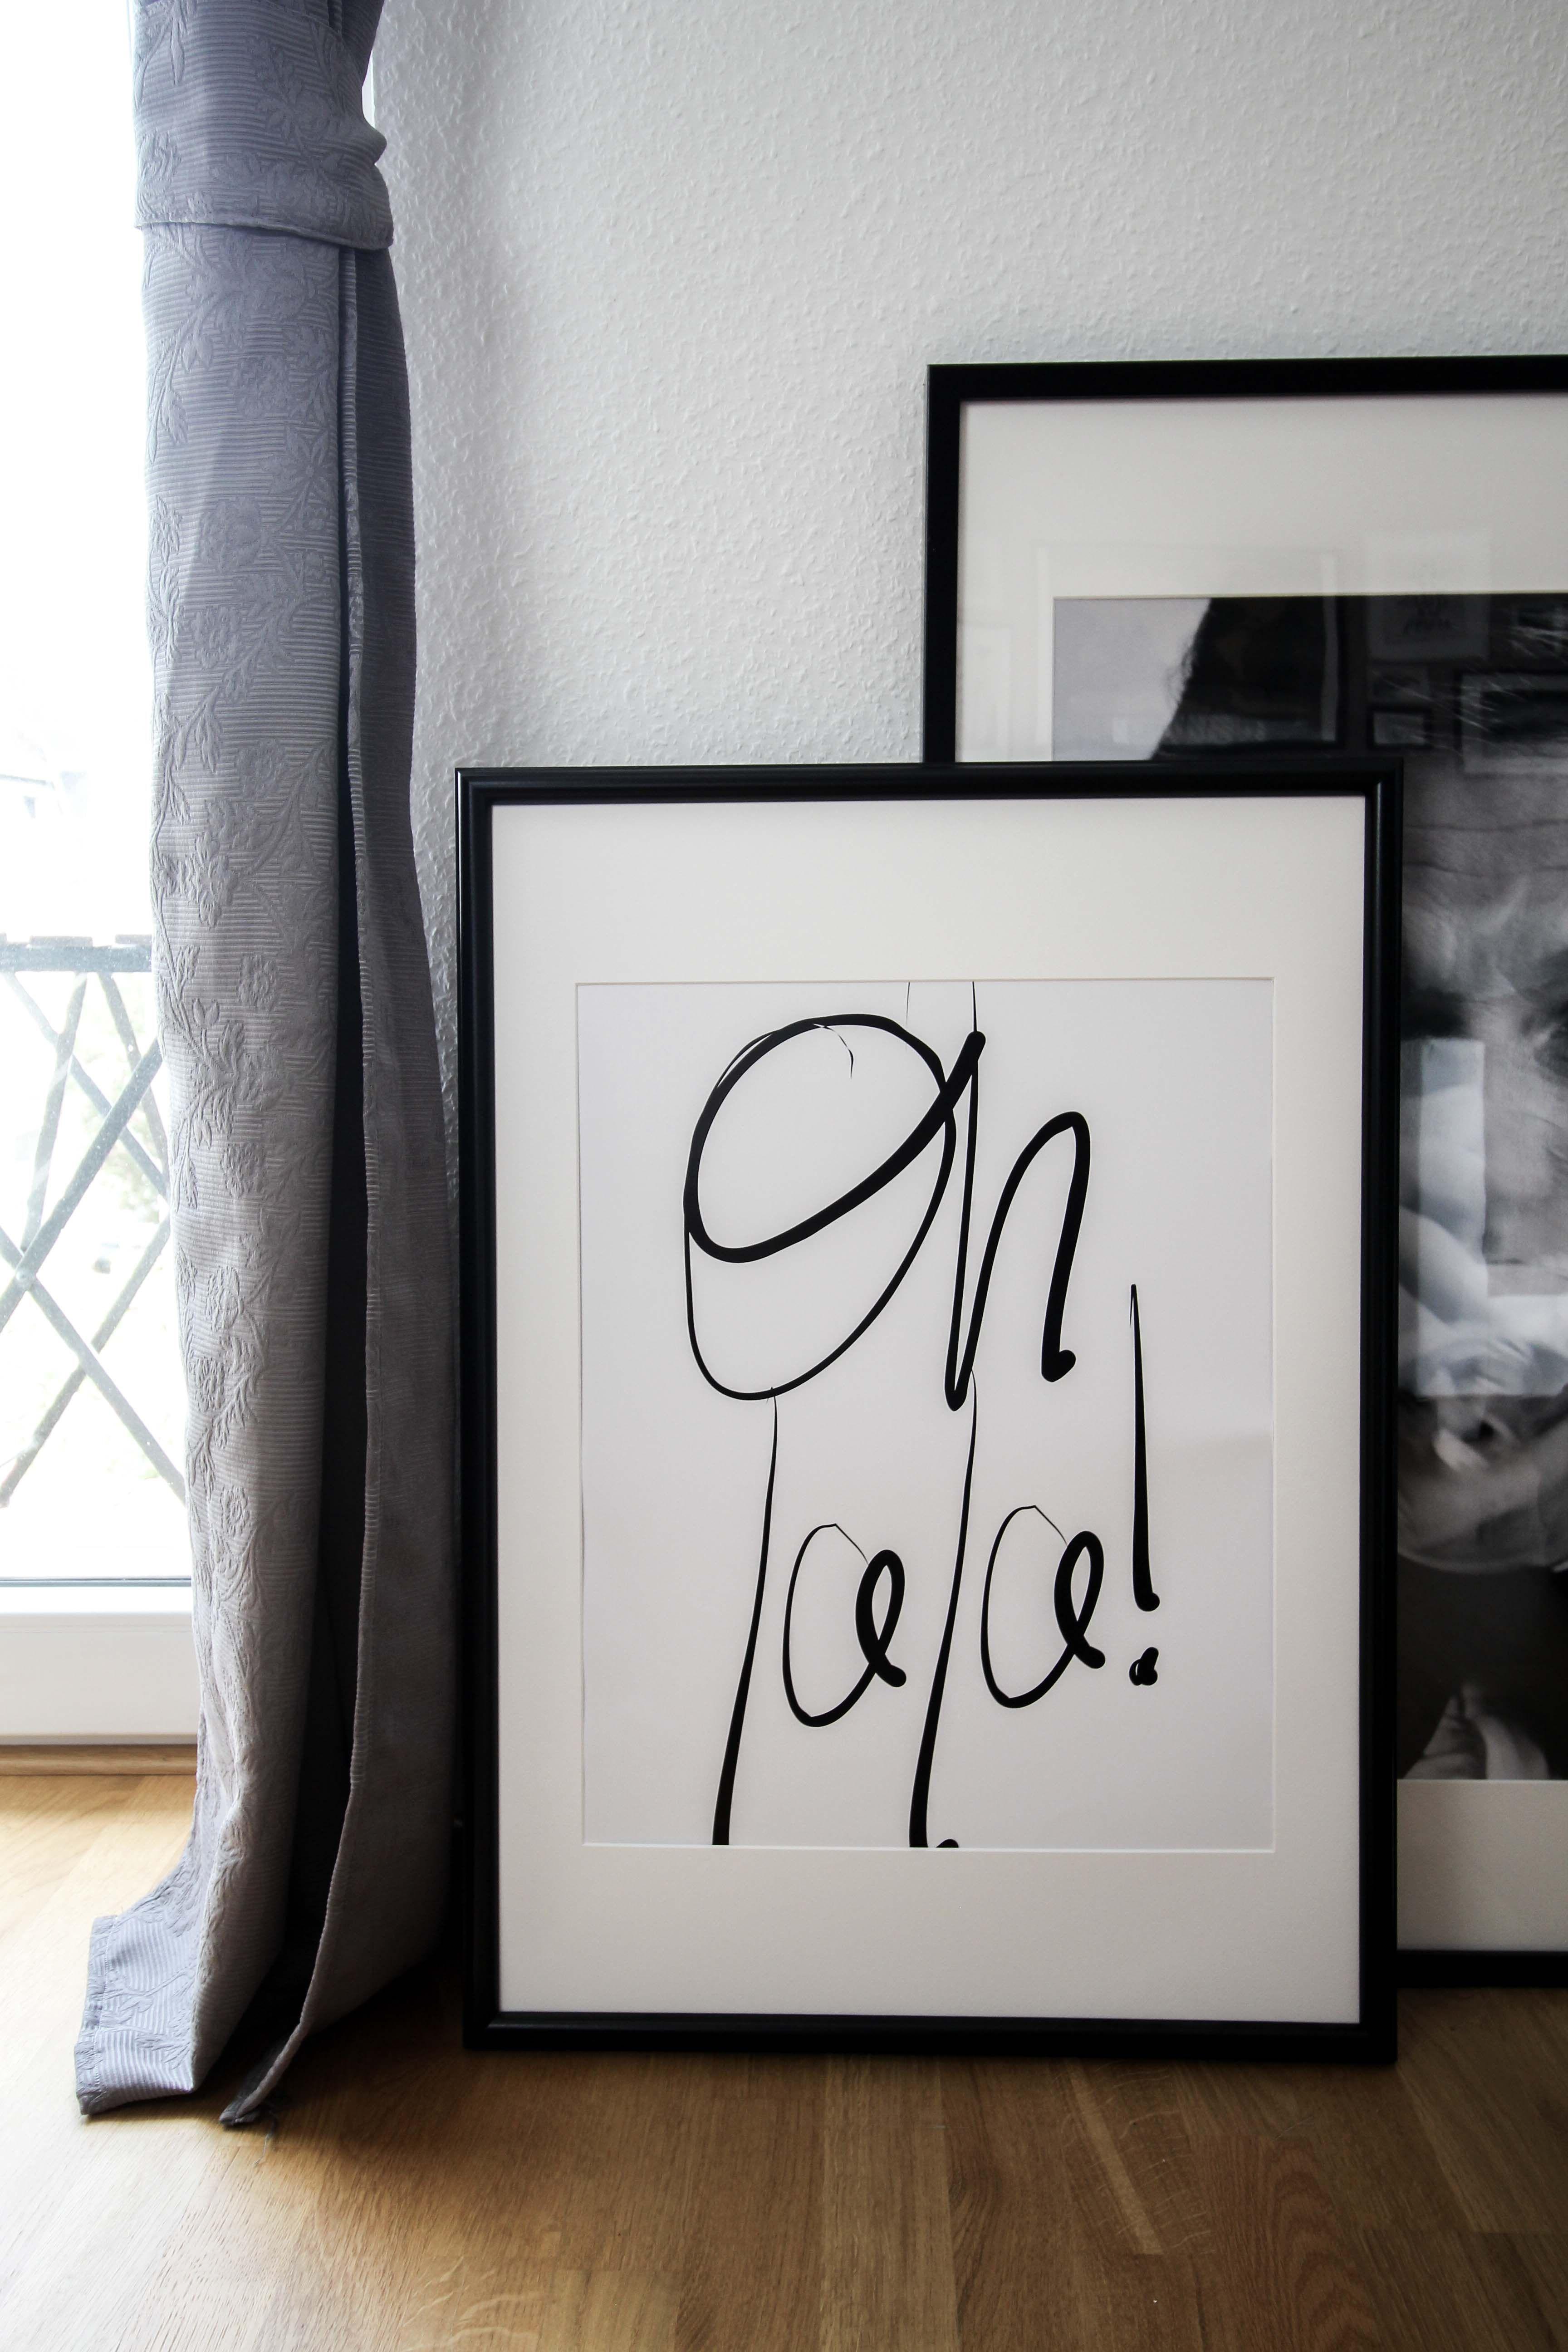 Interior Update | Minimalistische Schwarz/Weiß Fotografie & Bilder #wohnzimmerideenwandgestaltung